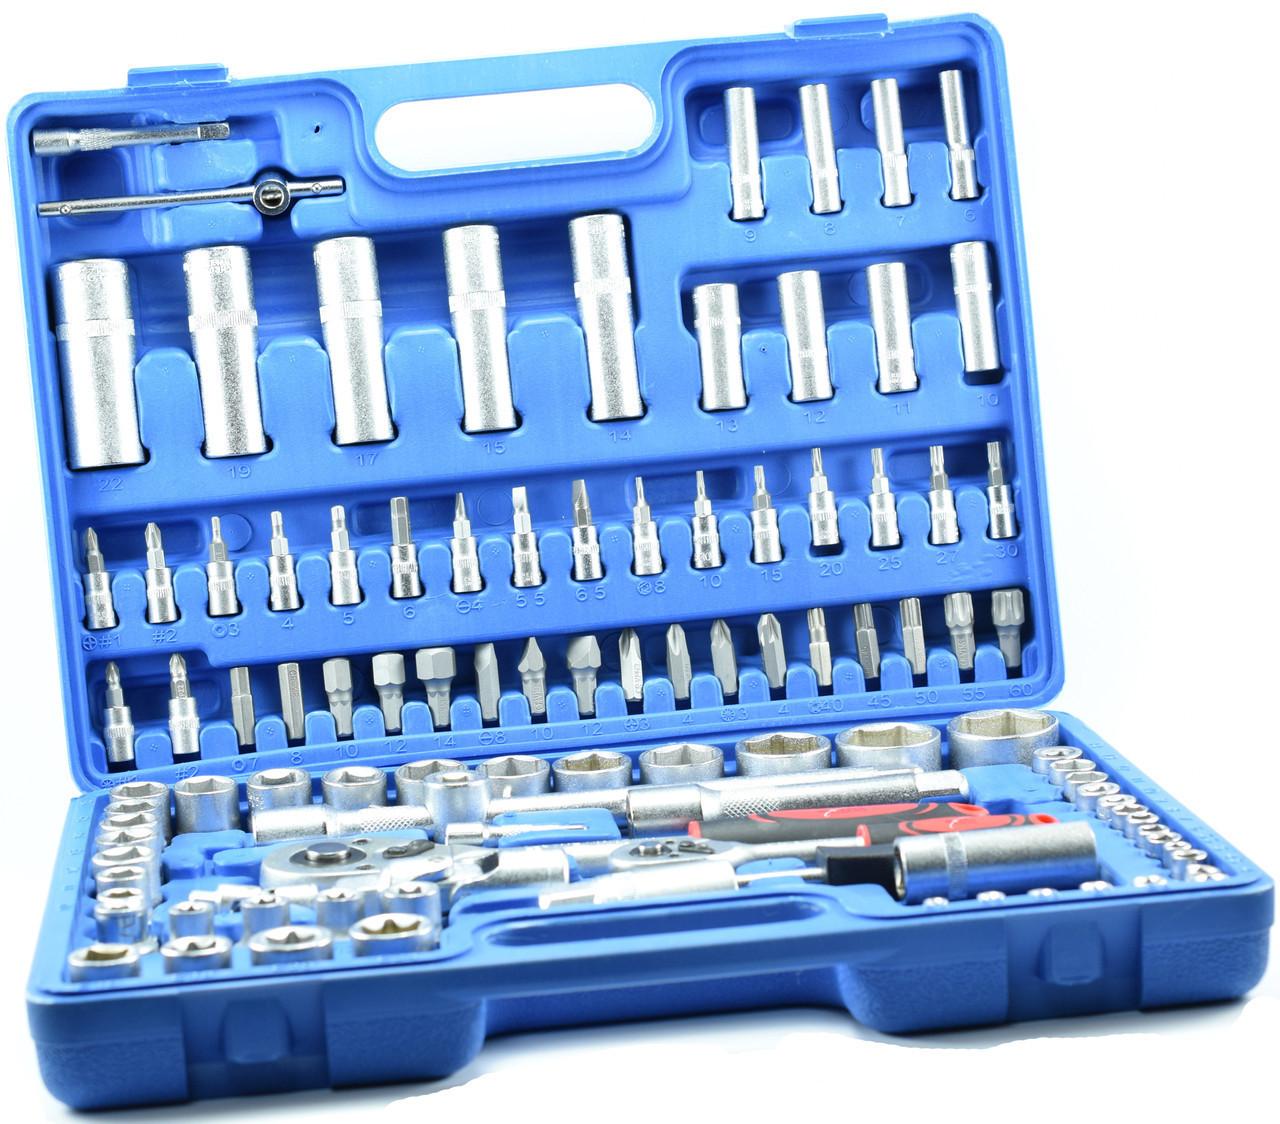 Профессиональный набор инструментов 108 предметов Extra (импортирован с Польши)